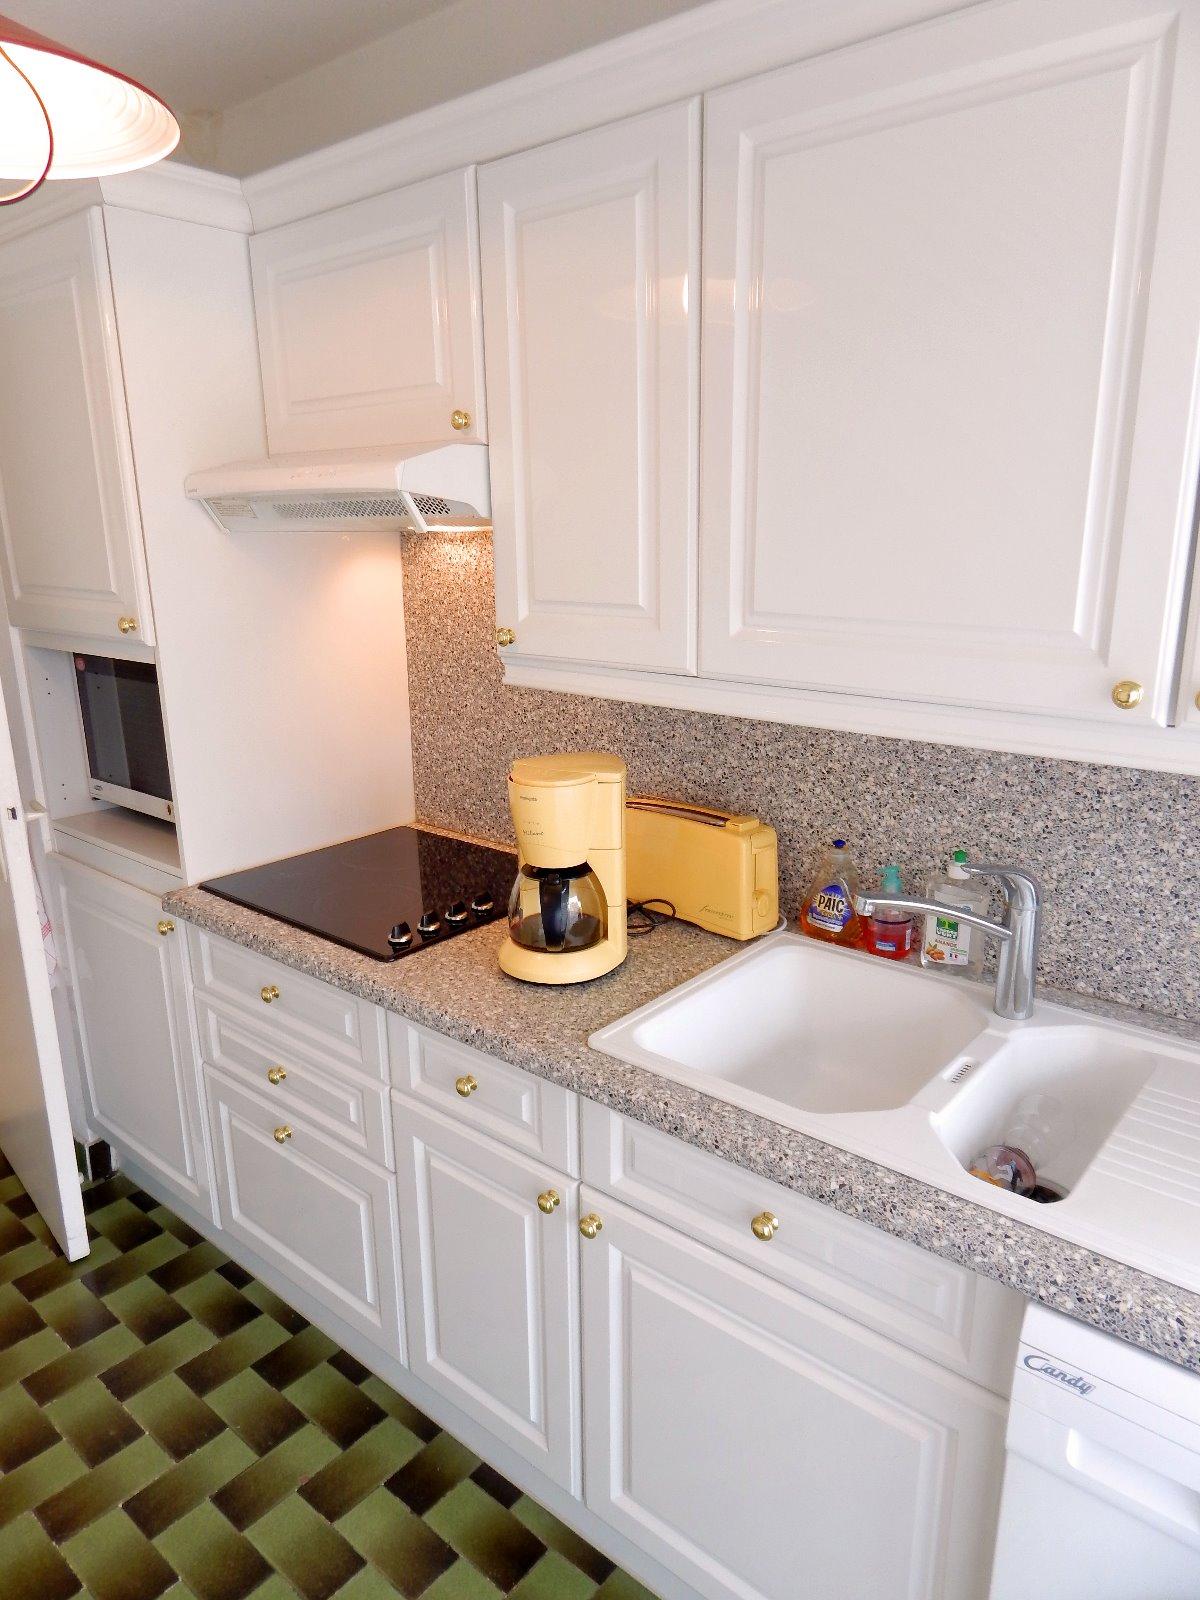 simulation appartement 3d fabulous superbe simulation maison d gratuit cuisine quipe conforama. Black Bedroom Furniture Sets. Home Design Ideas